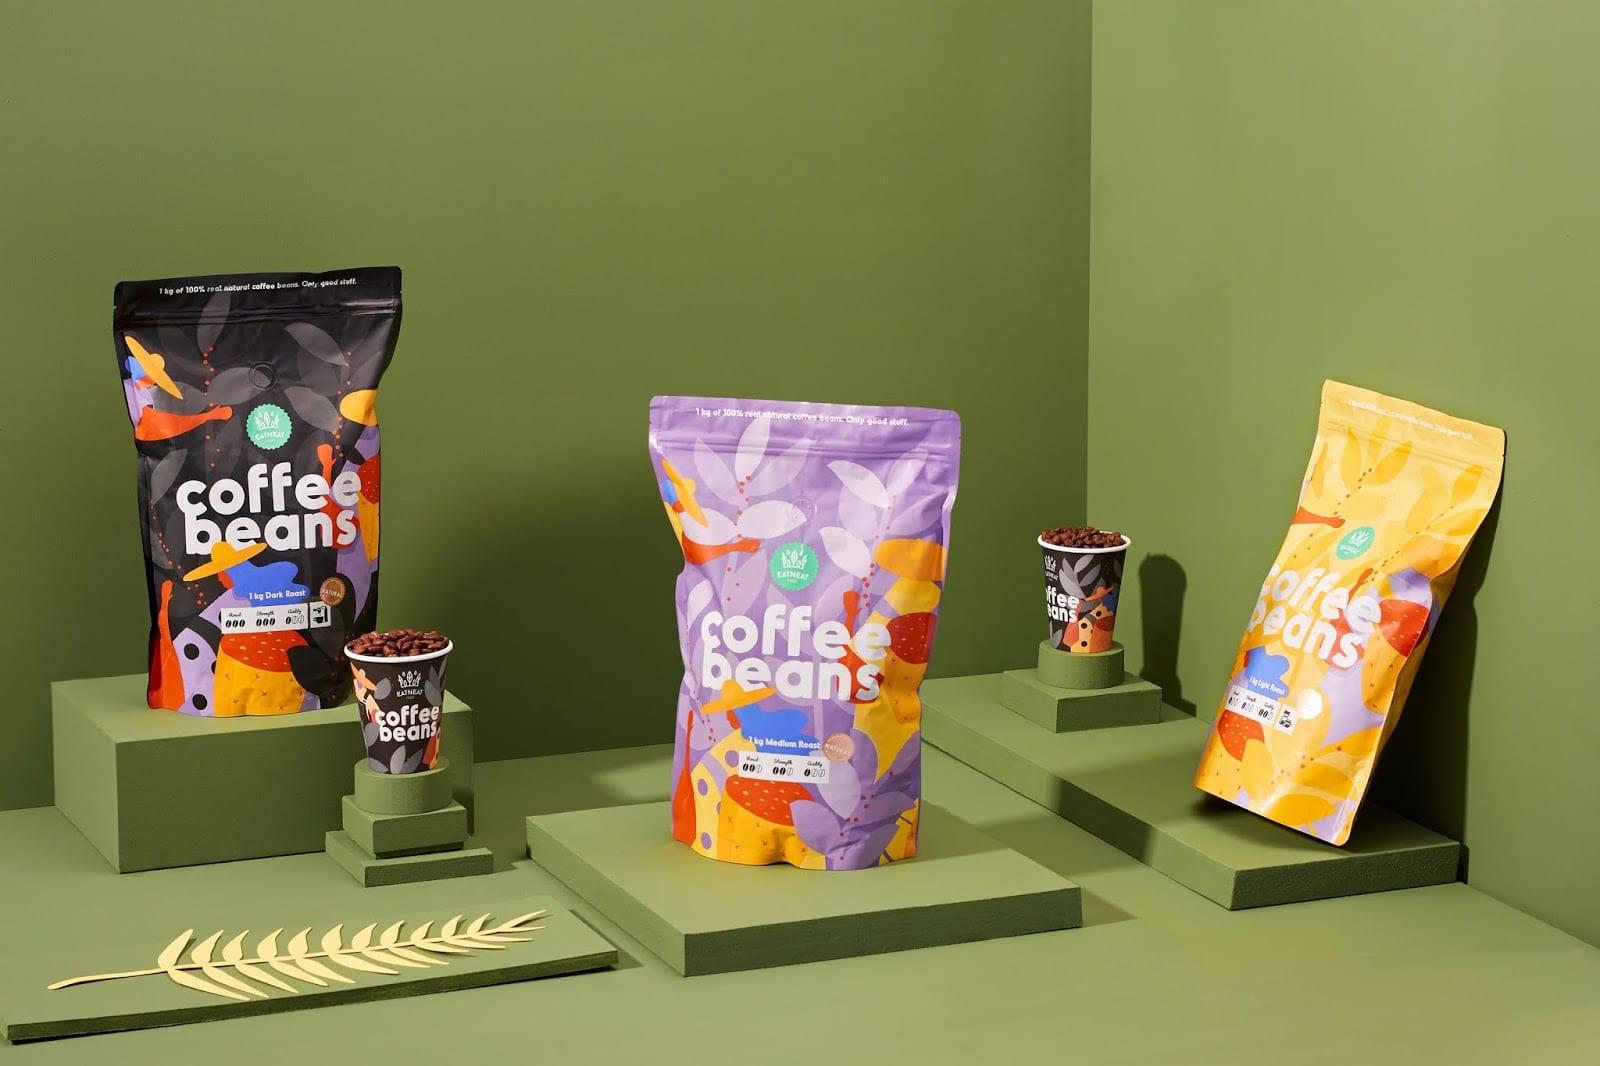 coffeebeans6 - Coffee Beans je nová značka kávy s hravým obalem